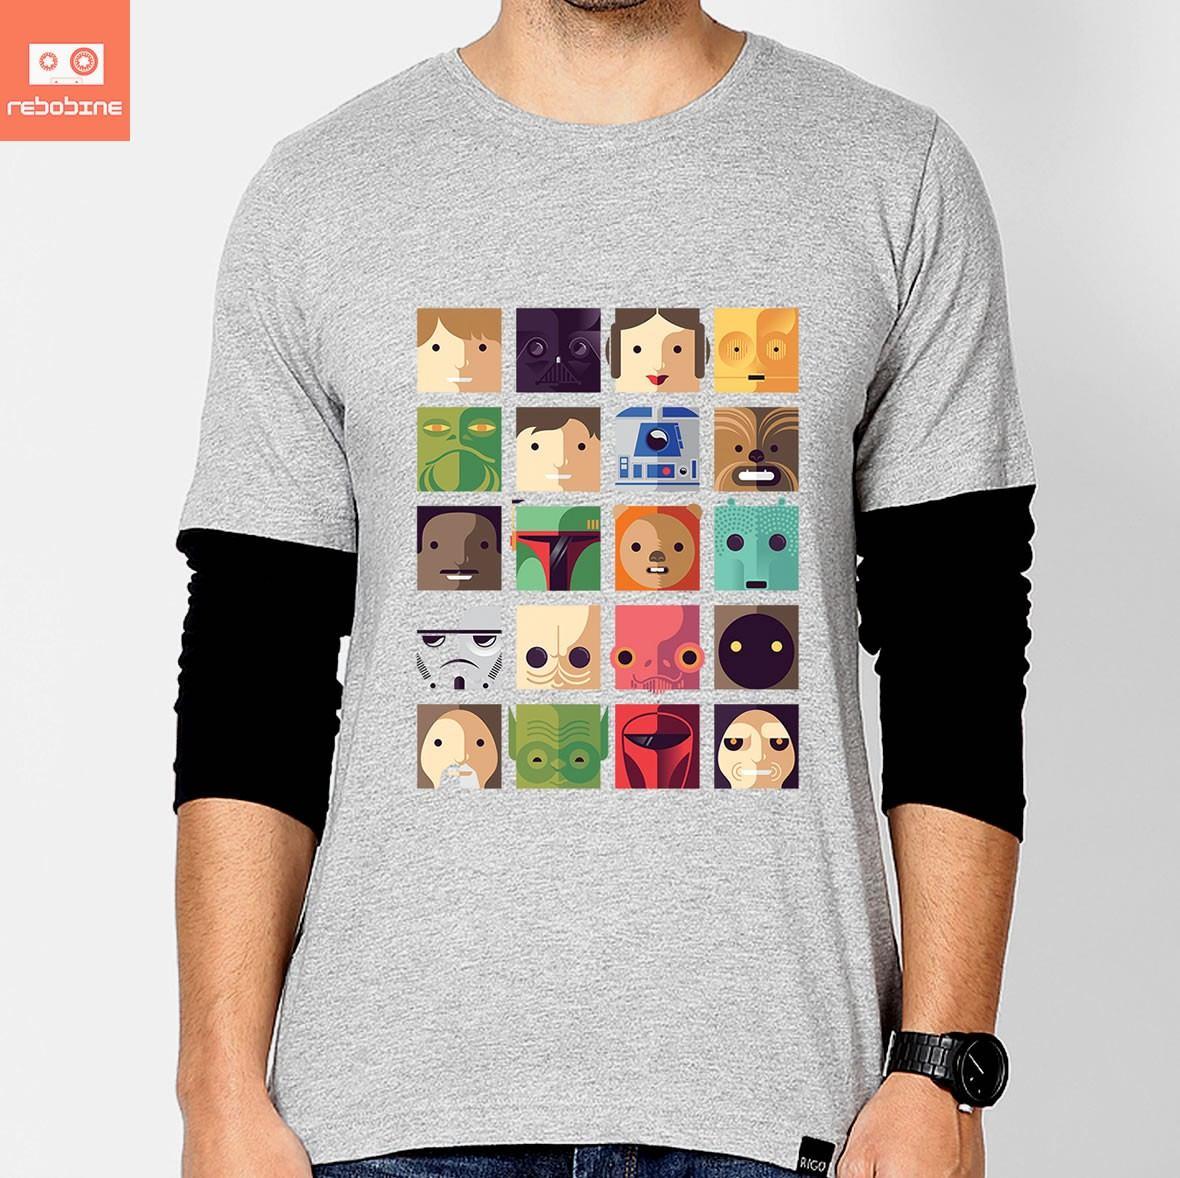 d3249359c camisetas star wars icones guerra nas estrelas personagens. Carregando zoom.